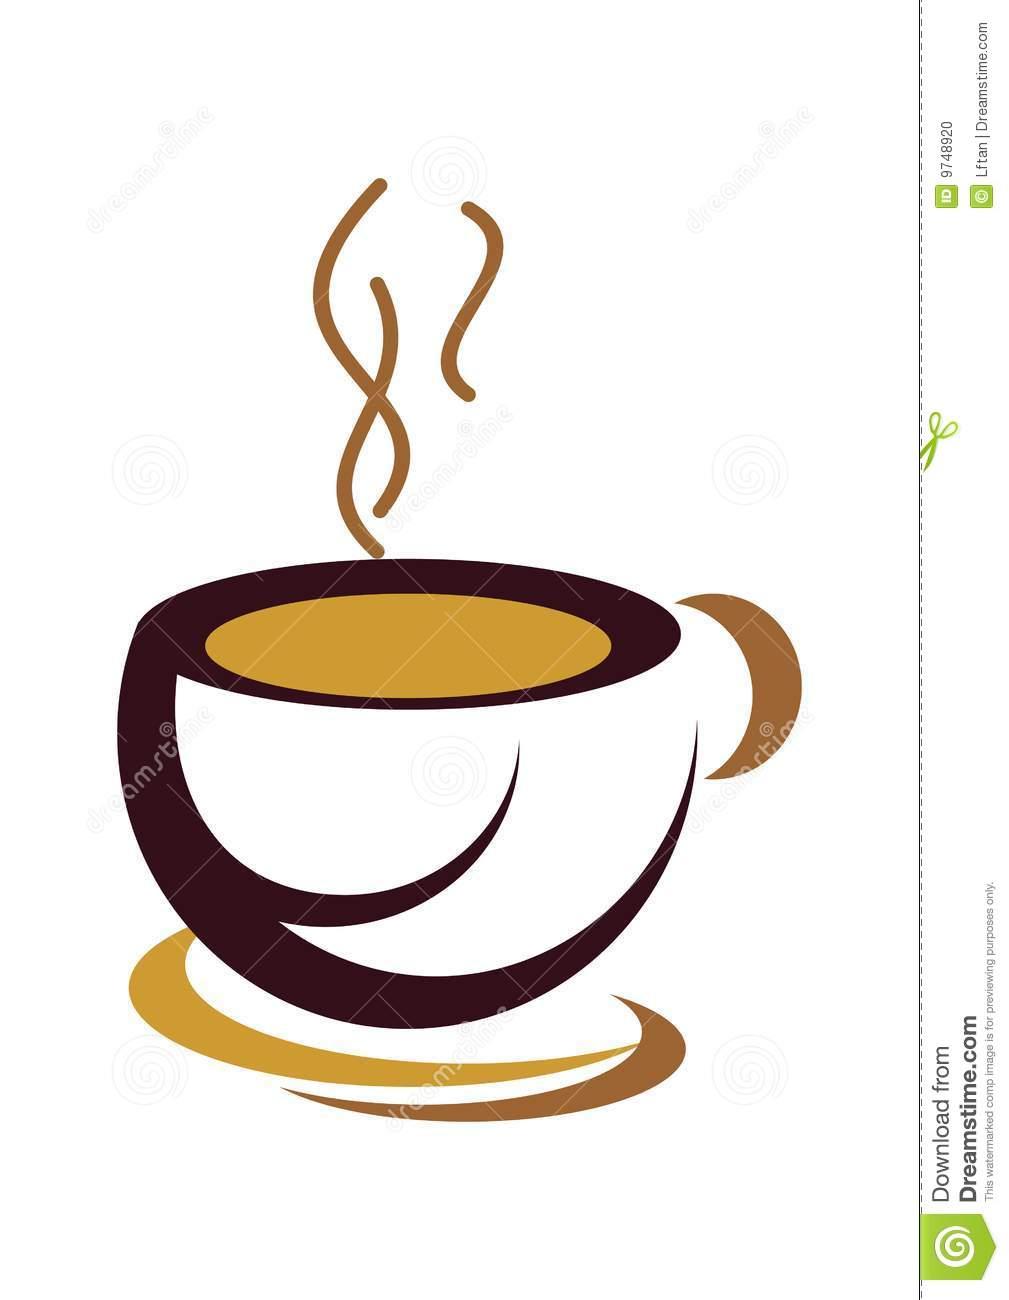 Tea Cup Clipart at GetDrawings.com.